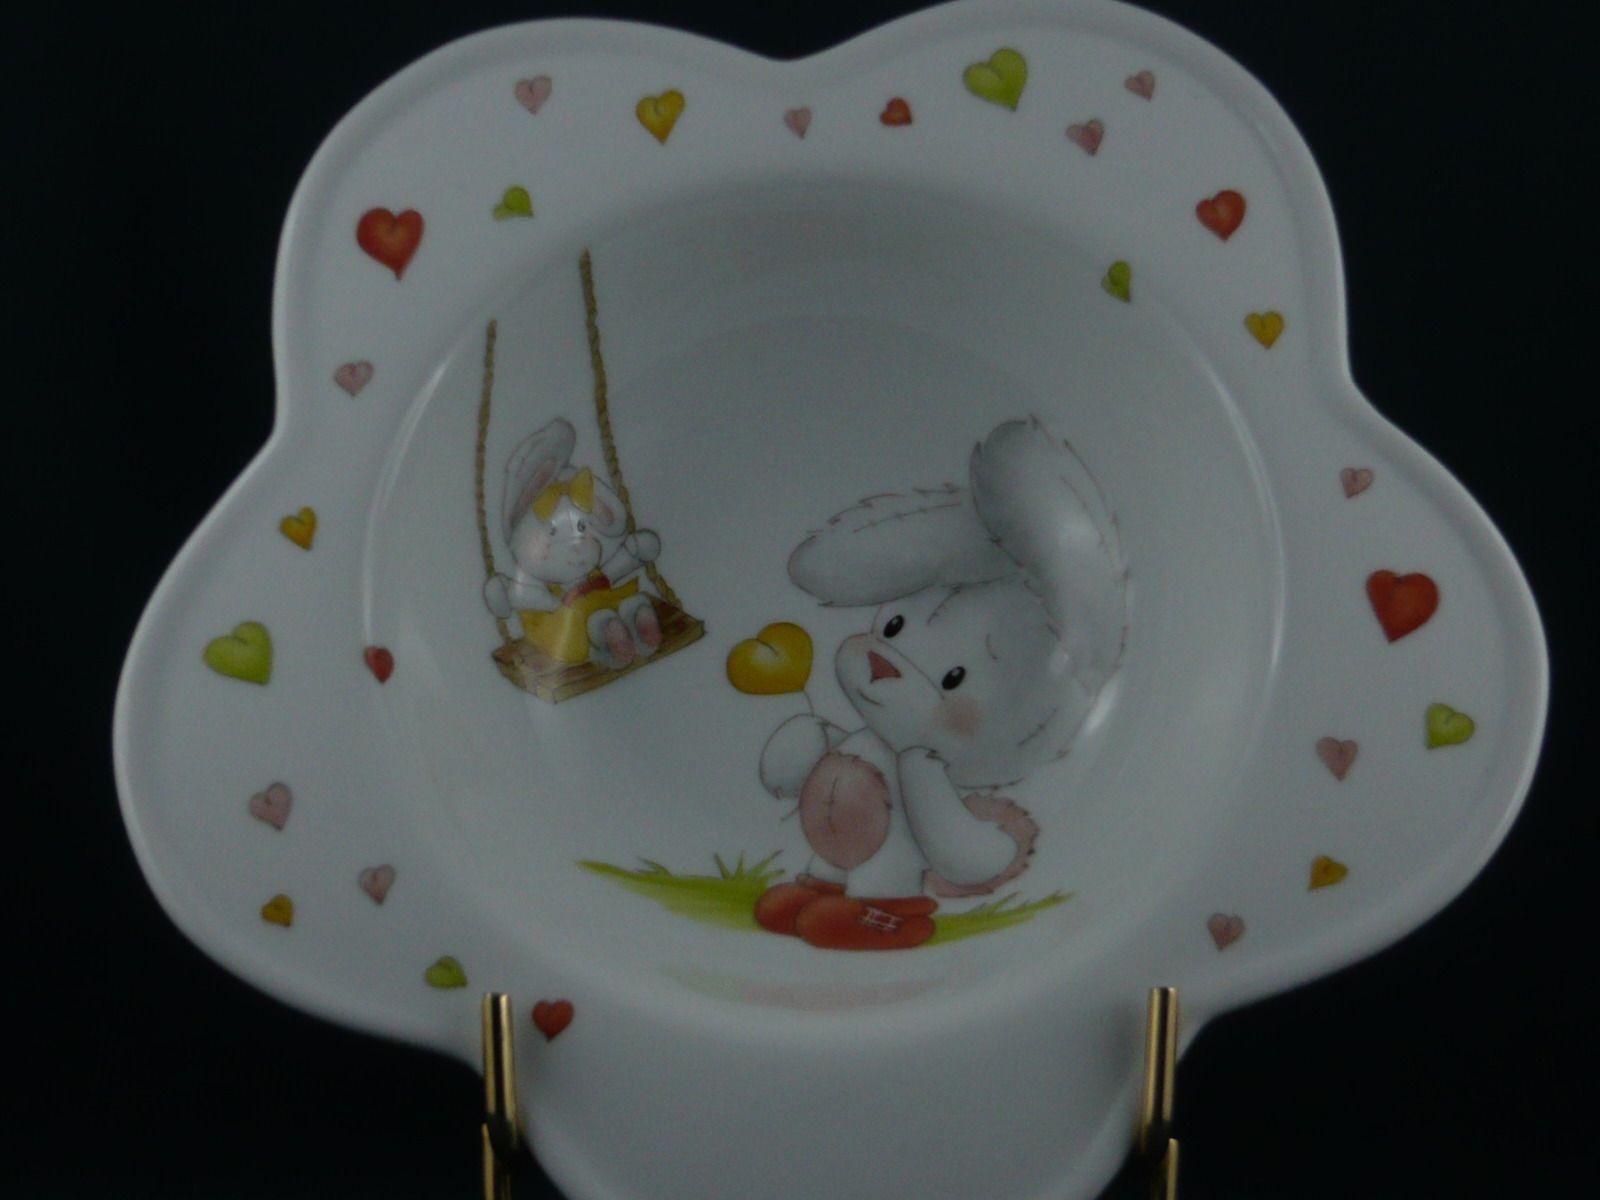 Assiette en porcelaine pour bébé, forme fleur, motif lapinou ...